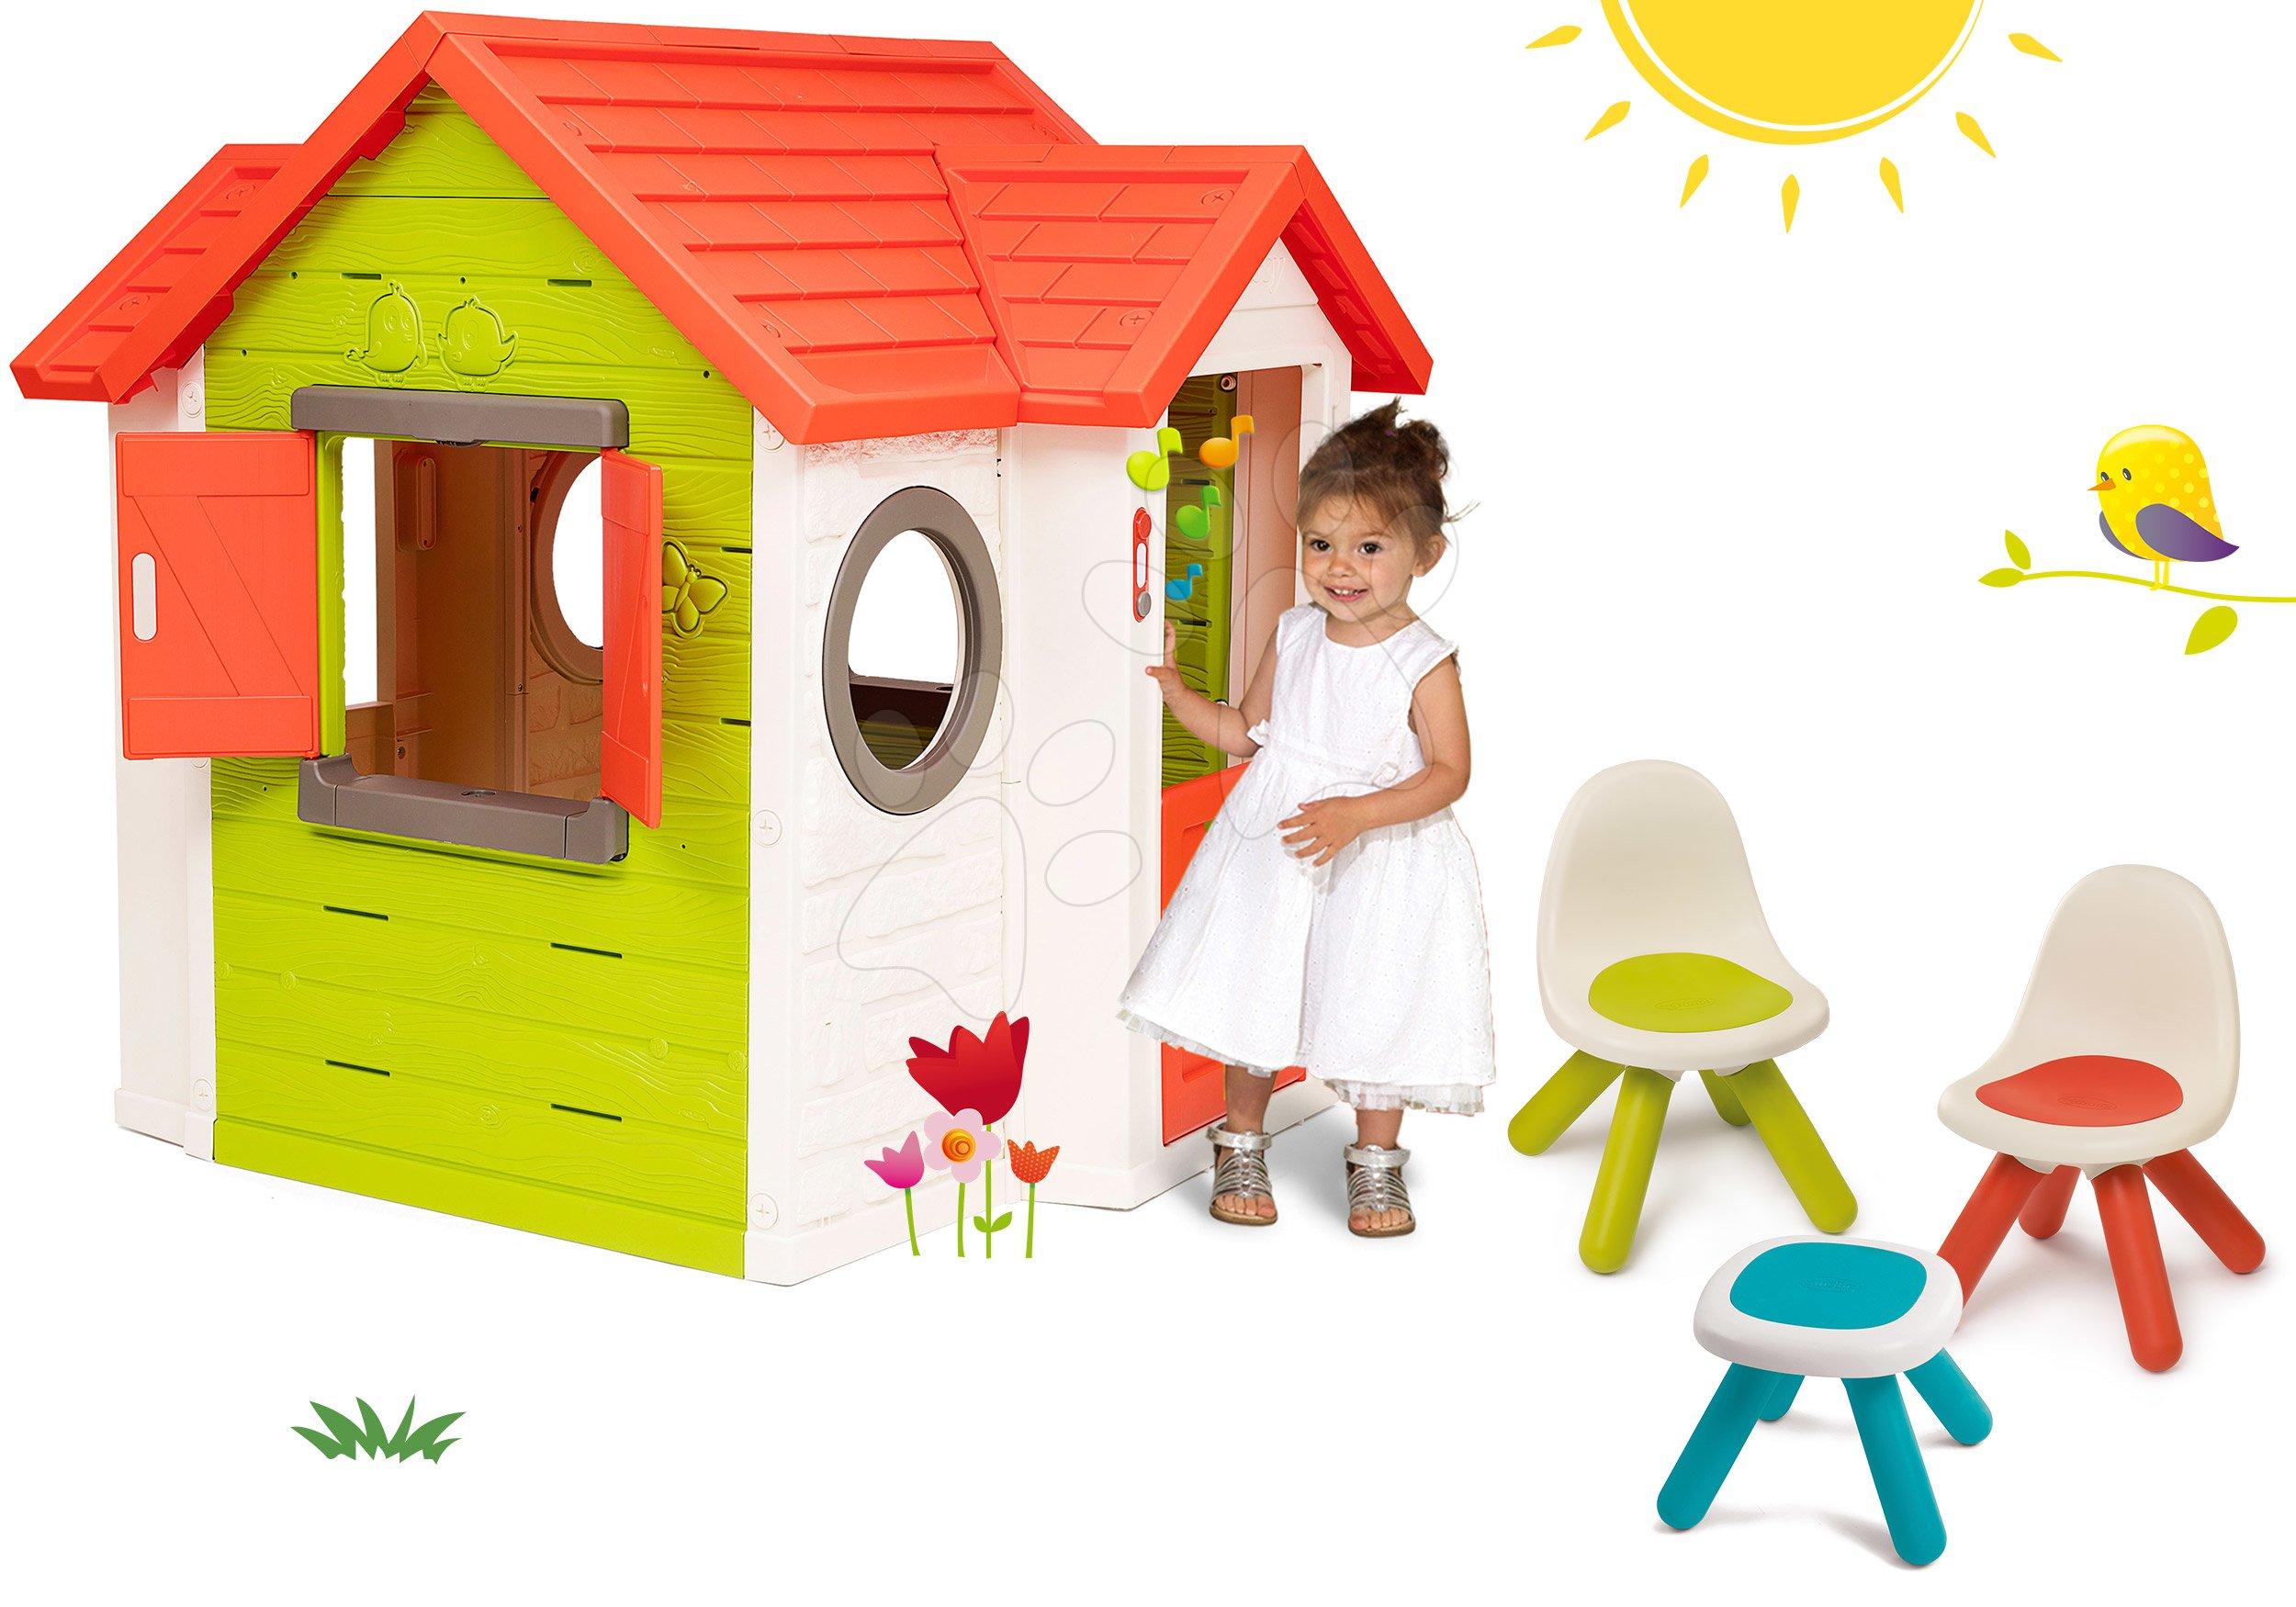 Set domeček My Neo House DeLuxe Smoby s elektronickým zvonkem a Piknik stolek se dvěma židlemi KidChair Red od 24 měs